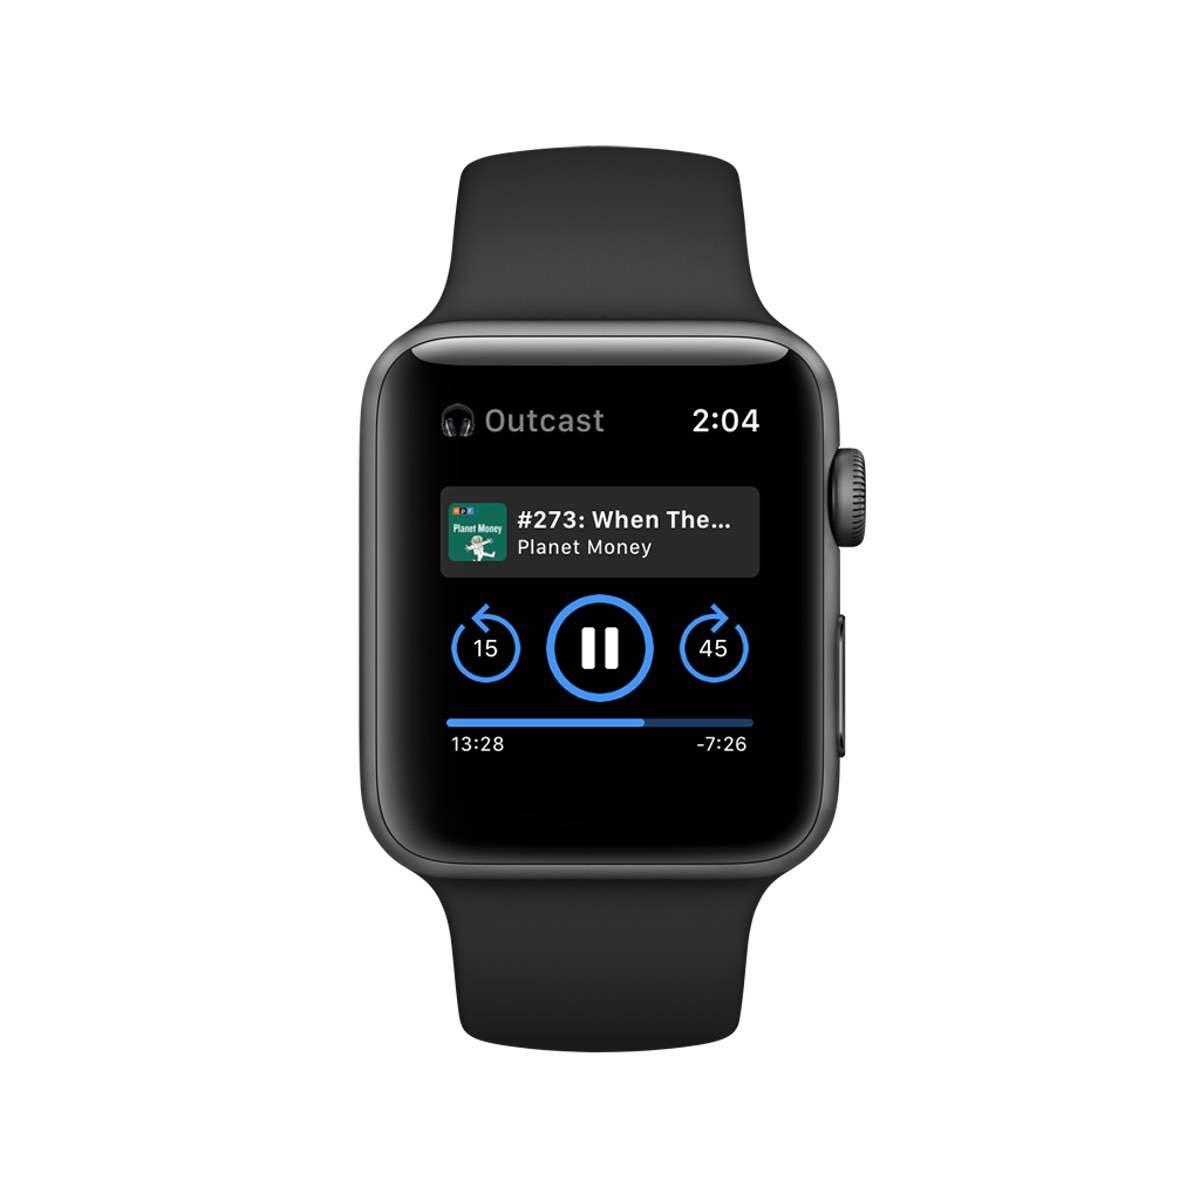 Outcast – Podcasts hören auf der Apple Watch